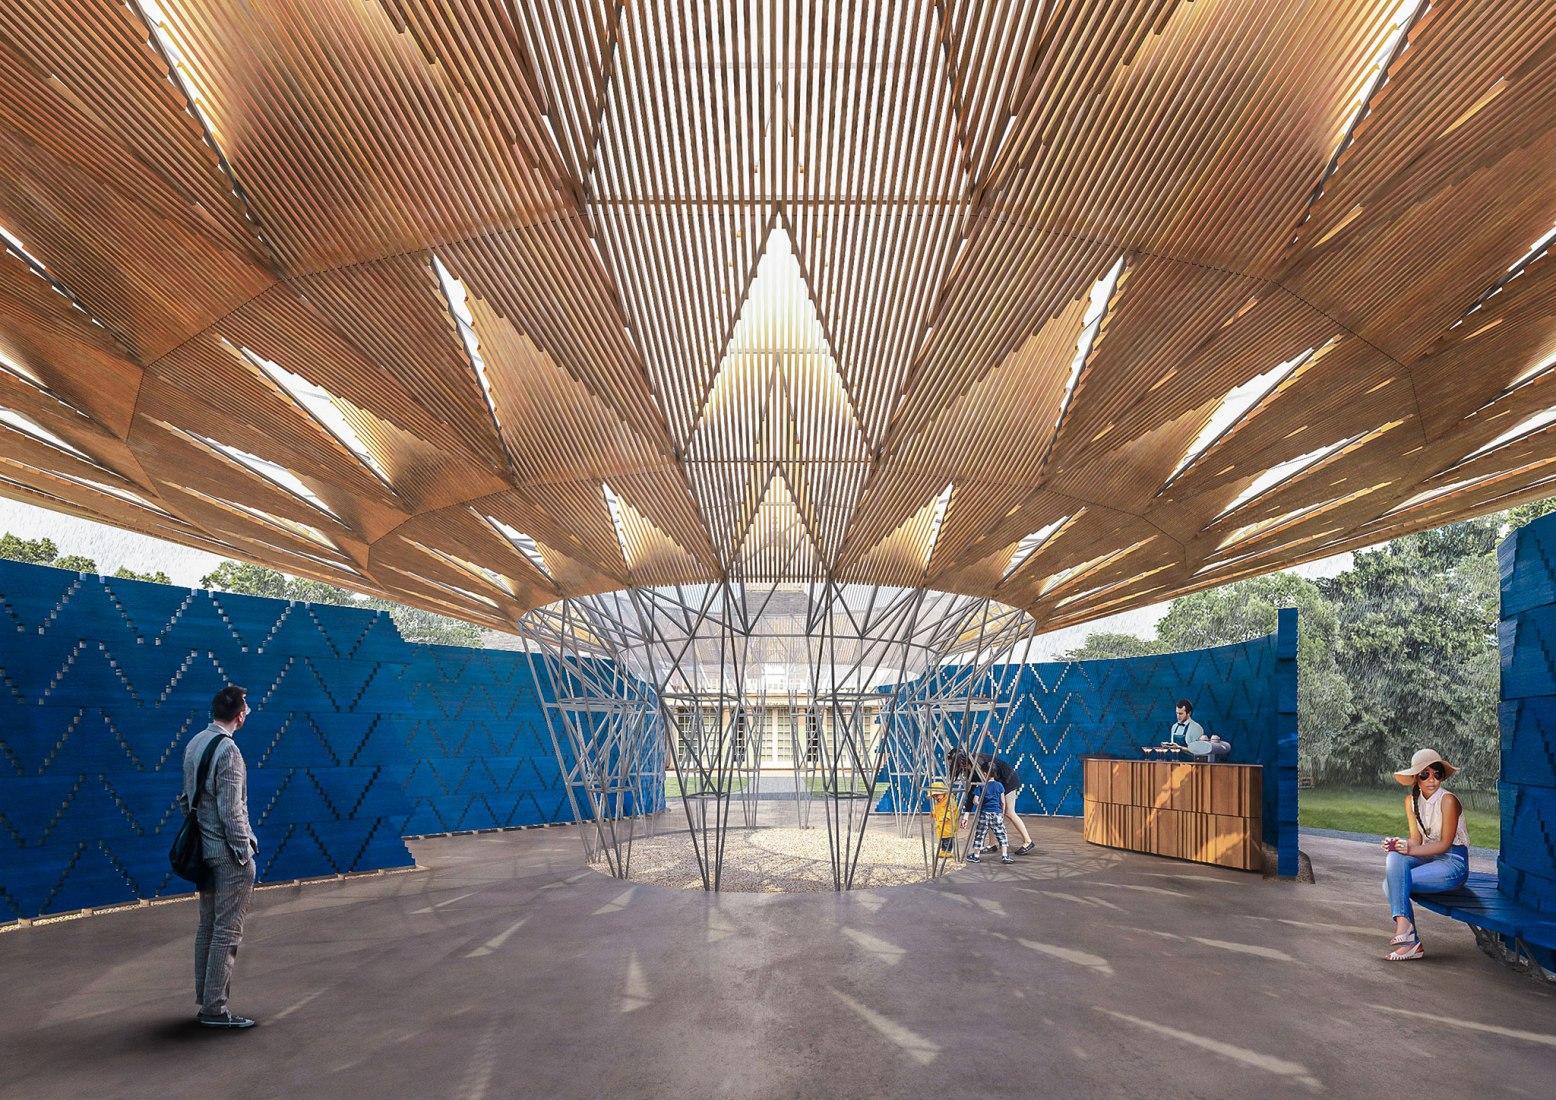 Pabellón Serpentine 2017, diseñado por Francis Kéré, Render de Diseño, Interior. Imagen © Kéré Architecture. Imagen cortesía de Serpentine Galleries